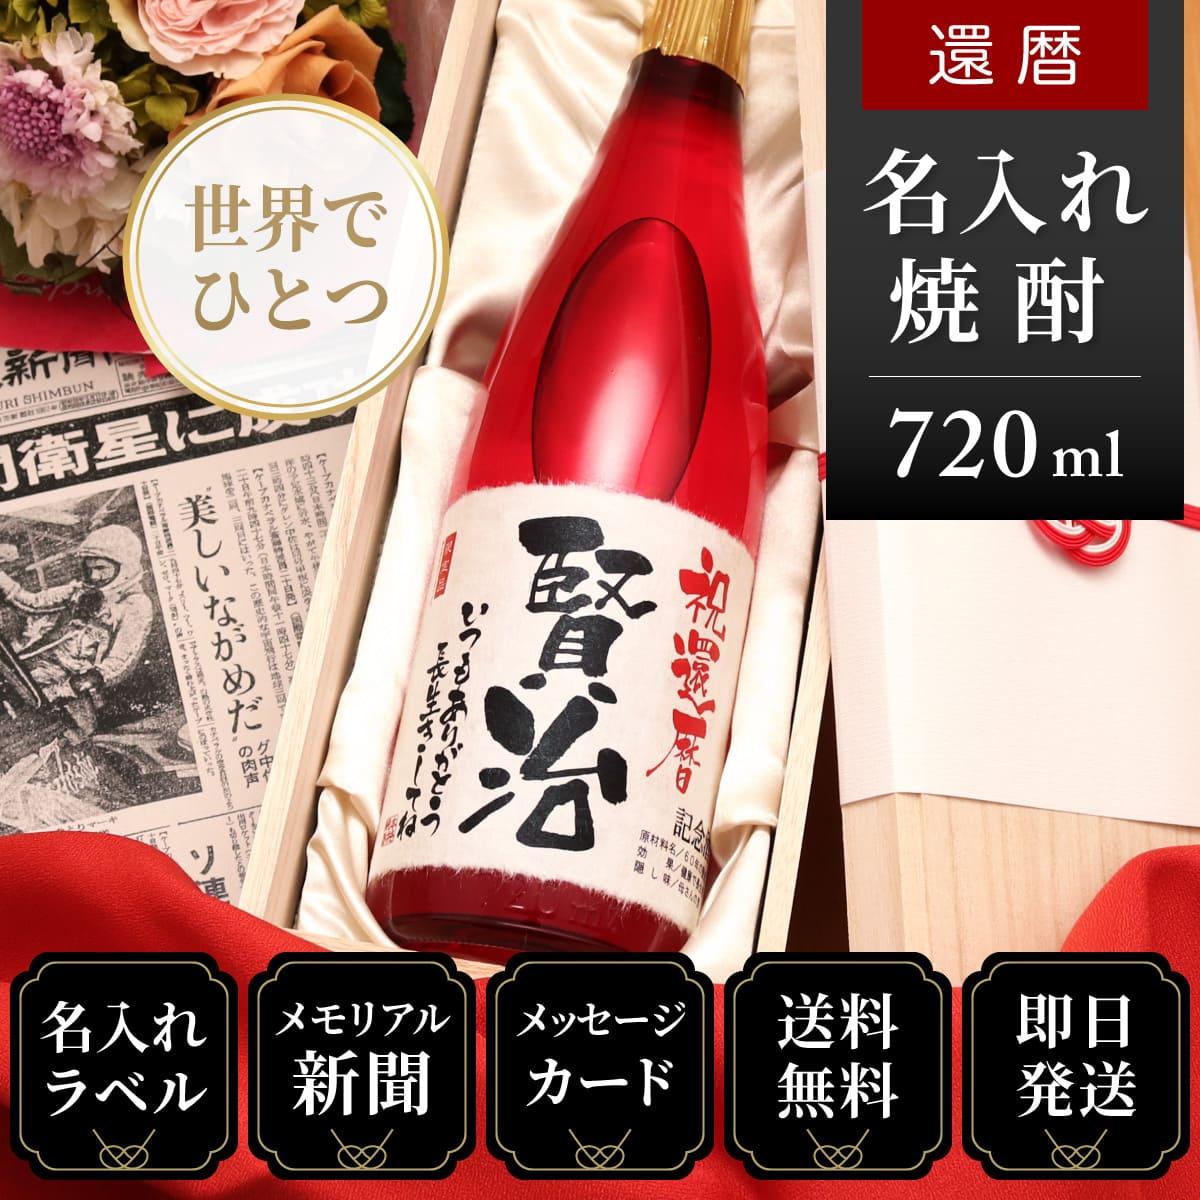 還暦祝いのプレゼント「華乃小町」上司向けギフト(酒粕焼酎)